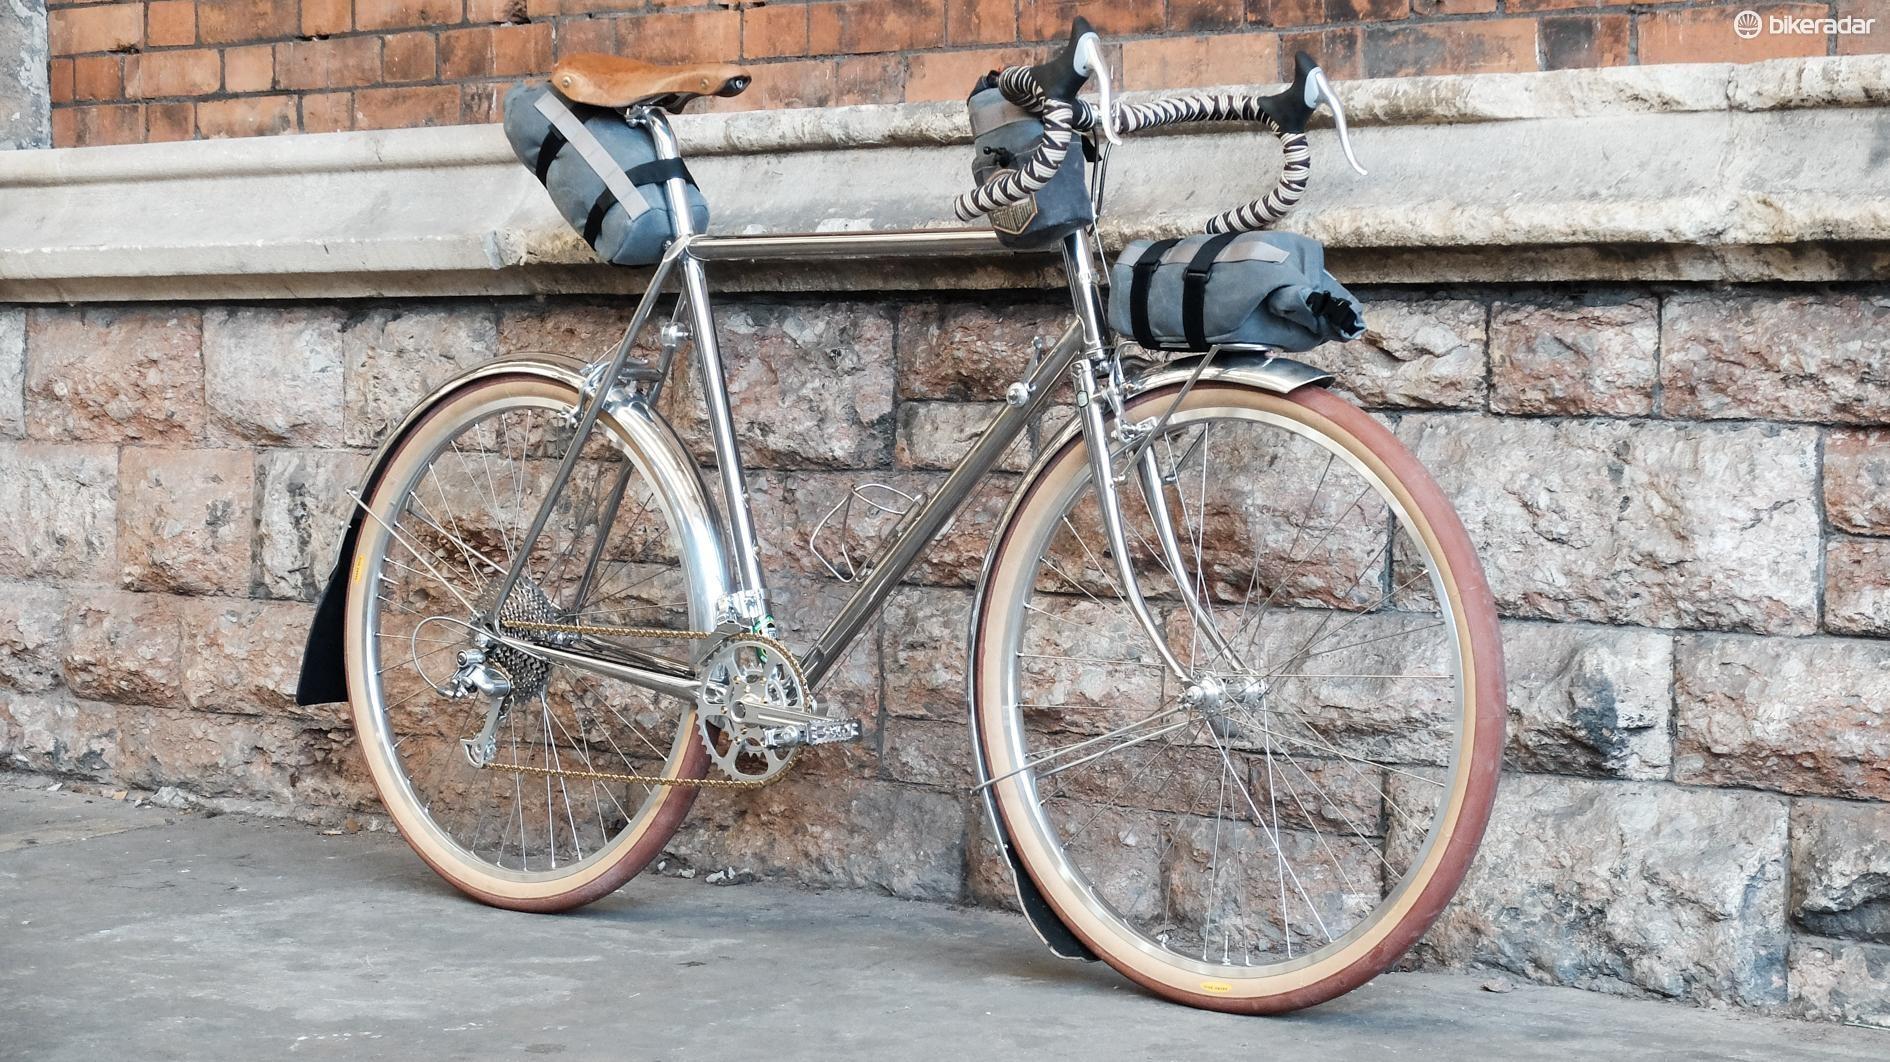 This Rinko-compliant touring bike looks resplendent in Reynolds 953